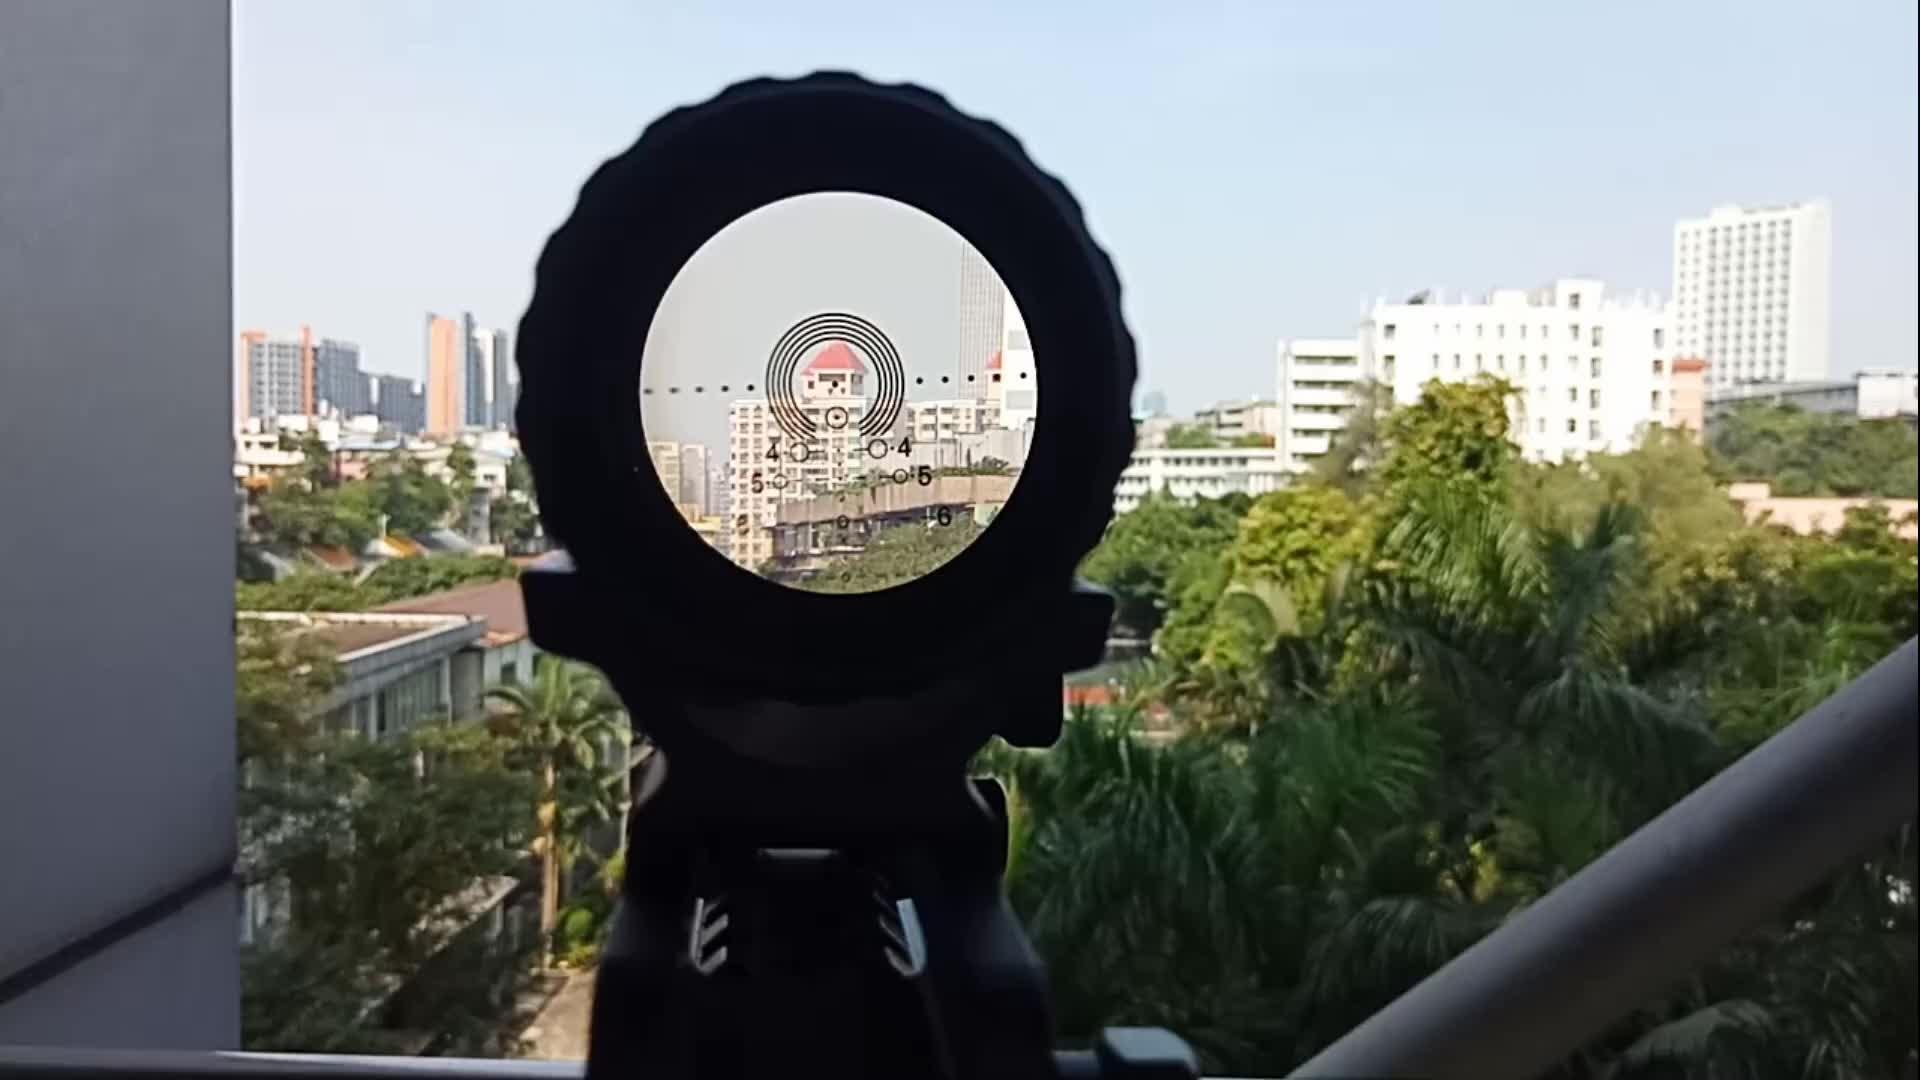 स्पाइना शिकार शूटिंग 1-6X30L ऑप्टिकल दृष्टि P4 ग्लास Etched लजीला व्यक्ति Riflescopes पक्ष समायोजन राइफल गुंजाइश